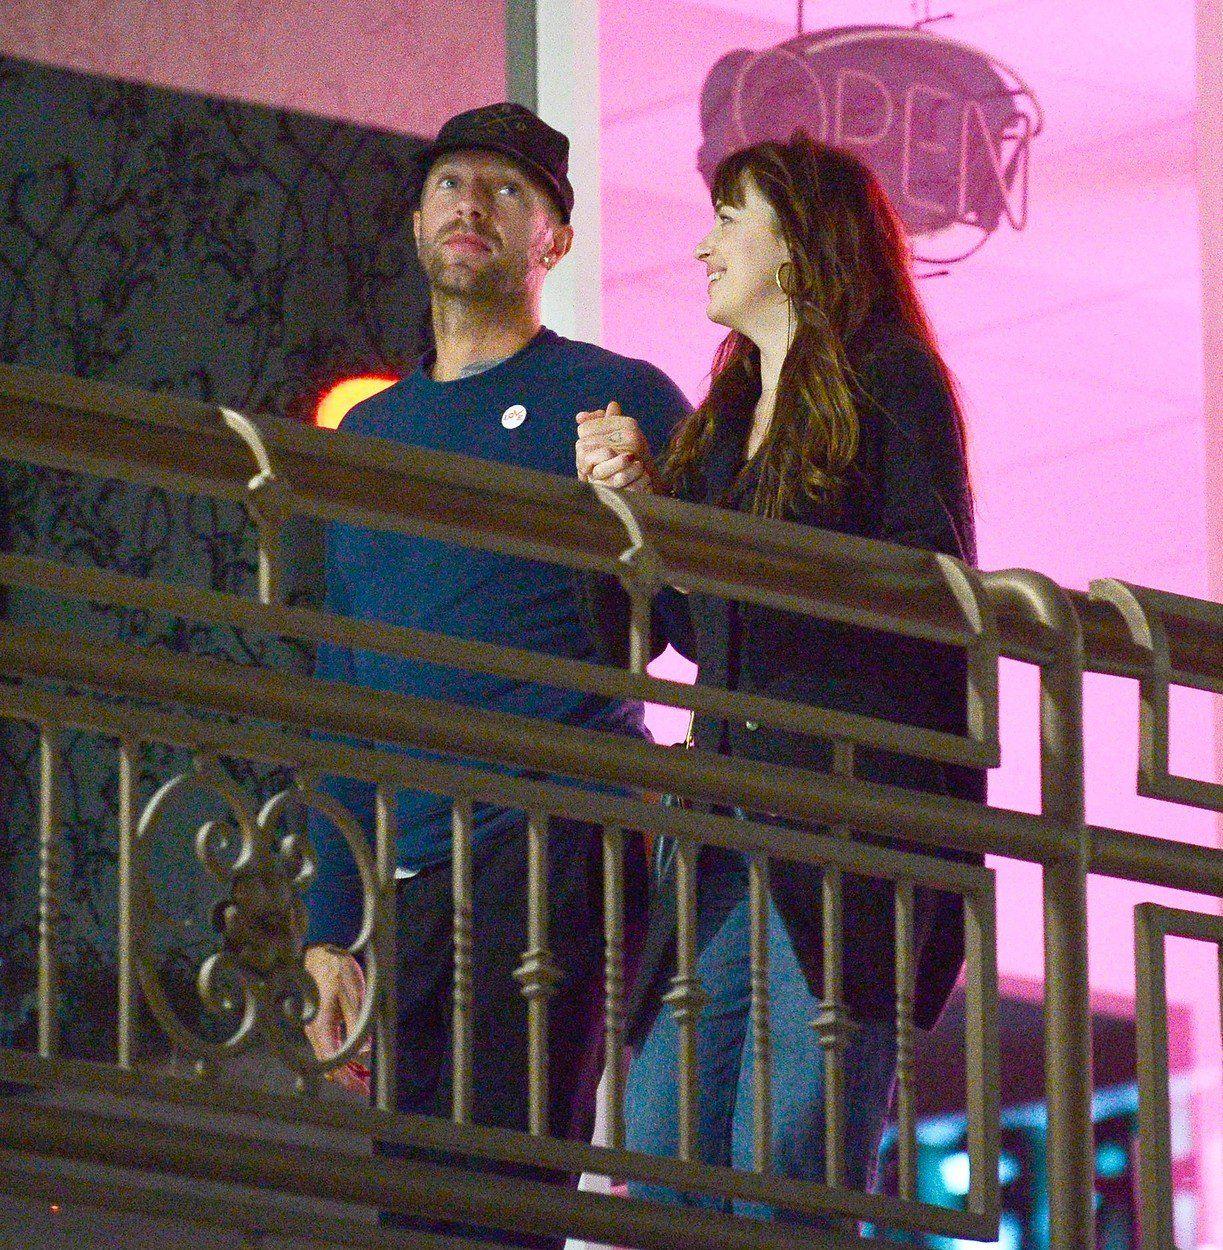 037fd896327 ... nu au confirmat oficial niciodată că se întâlnesc şi nu au vorbit cu  presa despre relaţia lor, însă cu puţin timp în urmă şi-au făcut tatuaje de  cuplu.